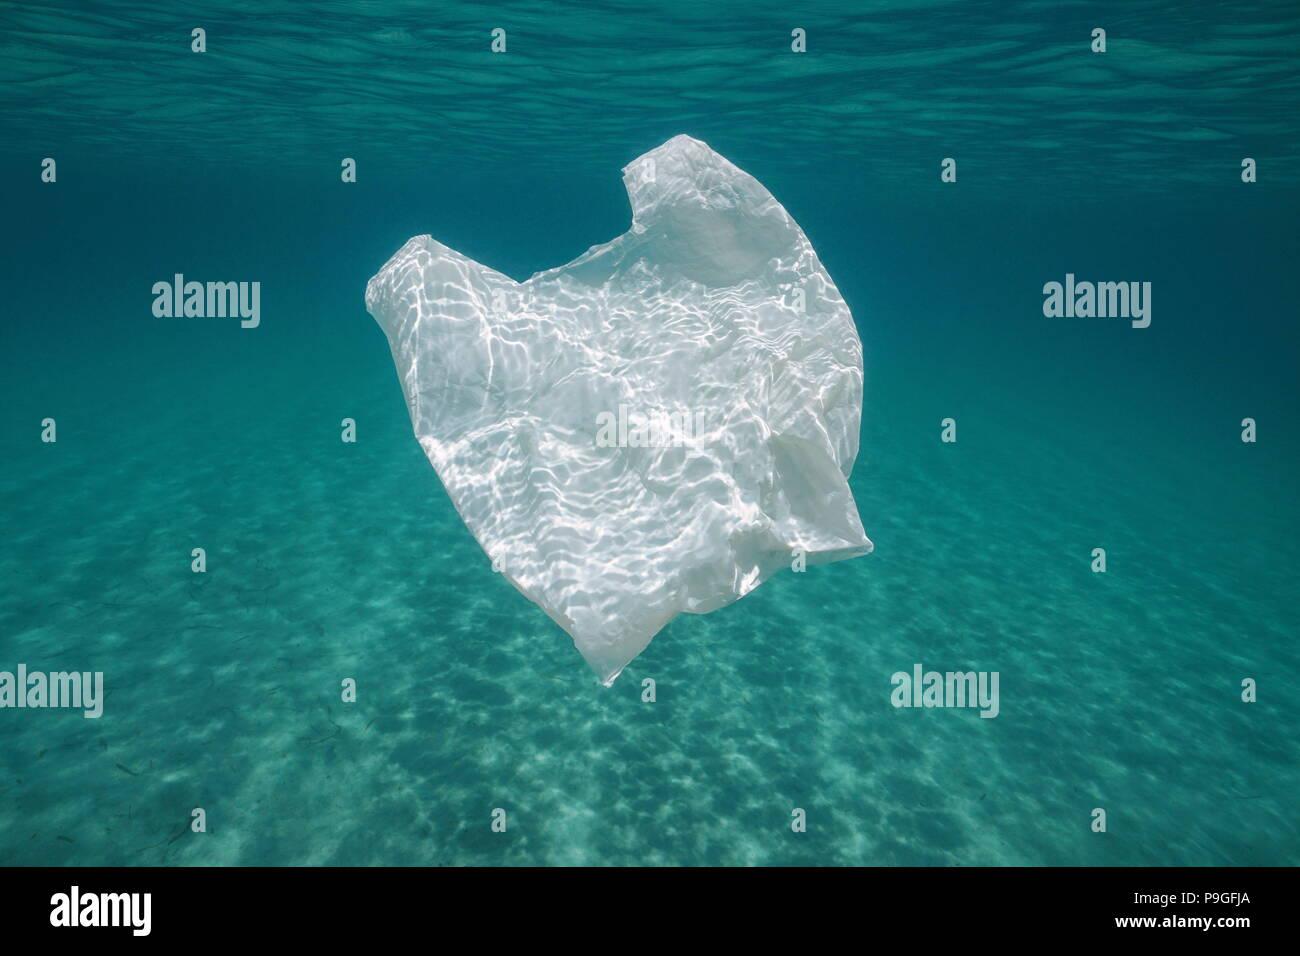 Inquinamento subacquea in una borsa di plastica in mare tra la superficie dell'acqua e un fondale sabbioso, Mediterraneo Almeria, Andalusia, Spagna Immagini Stock